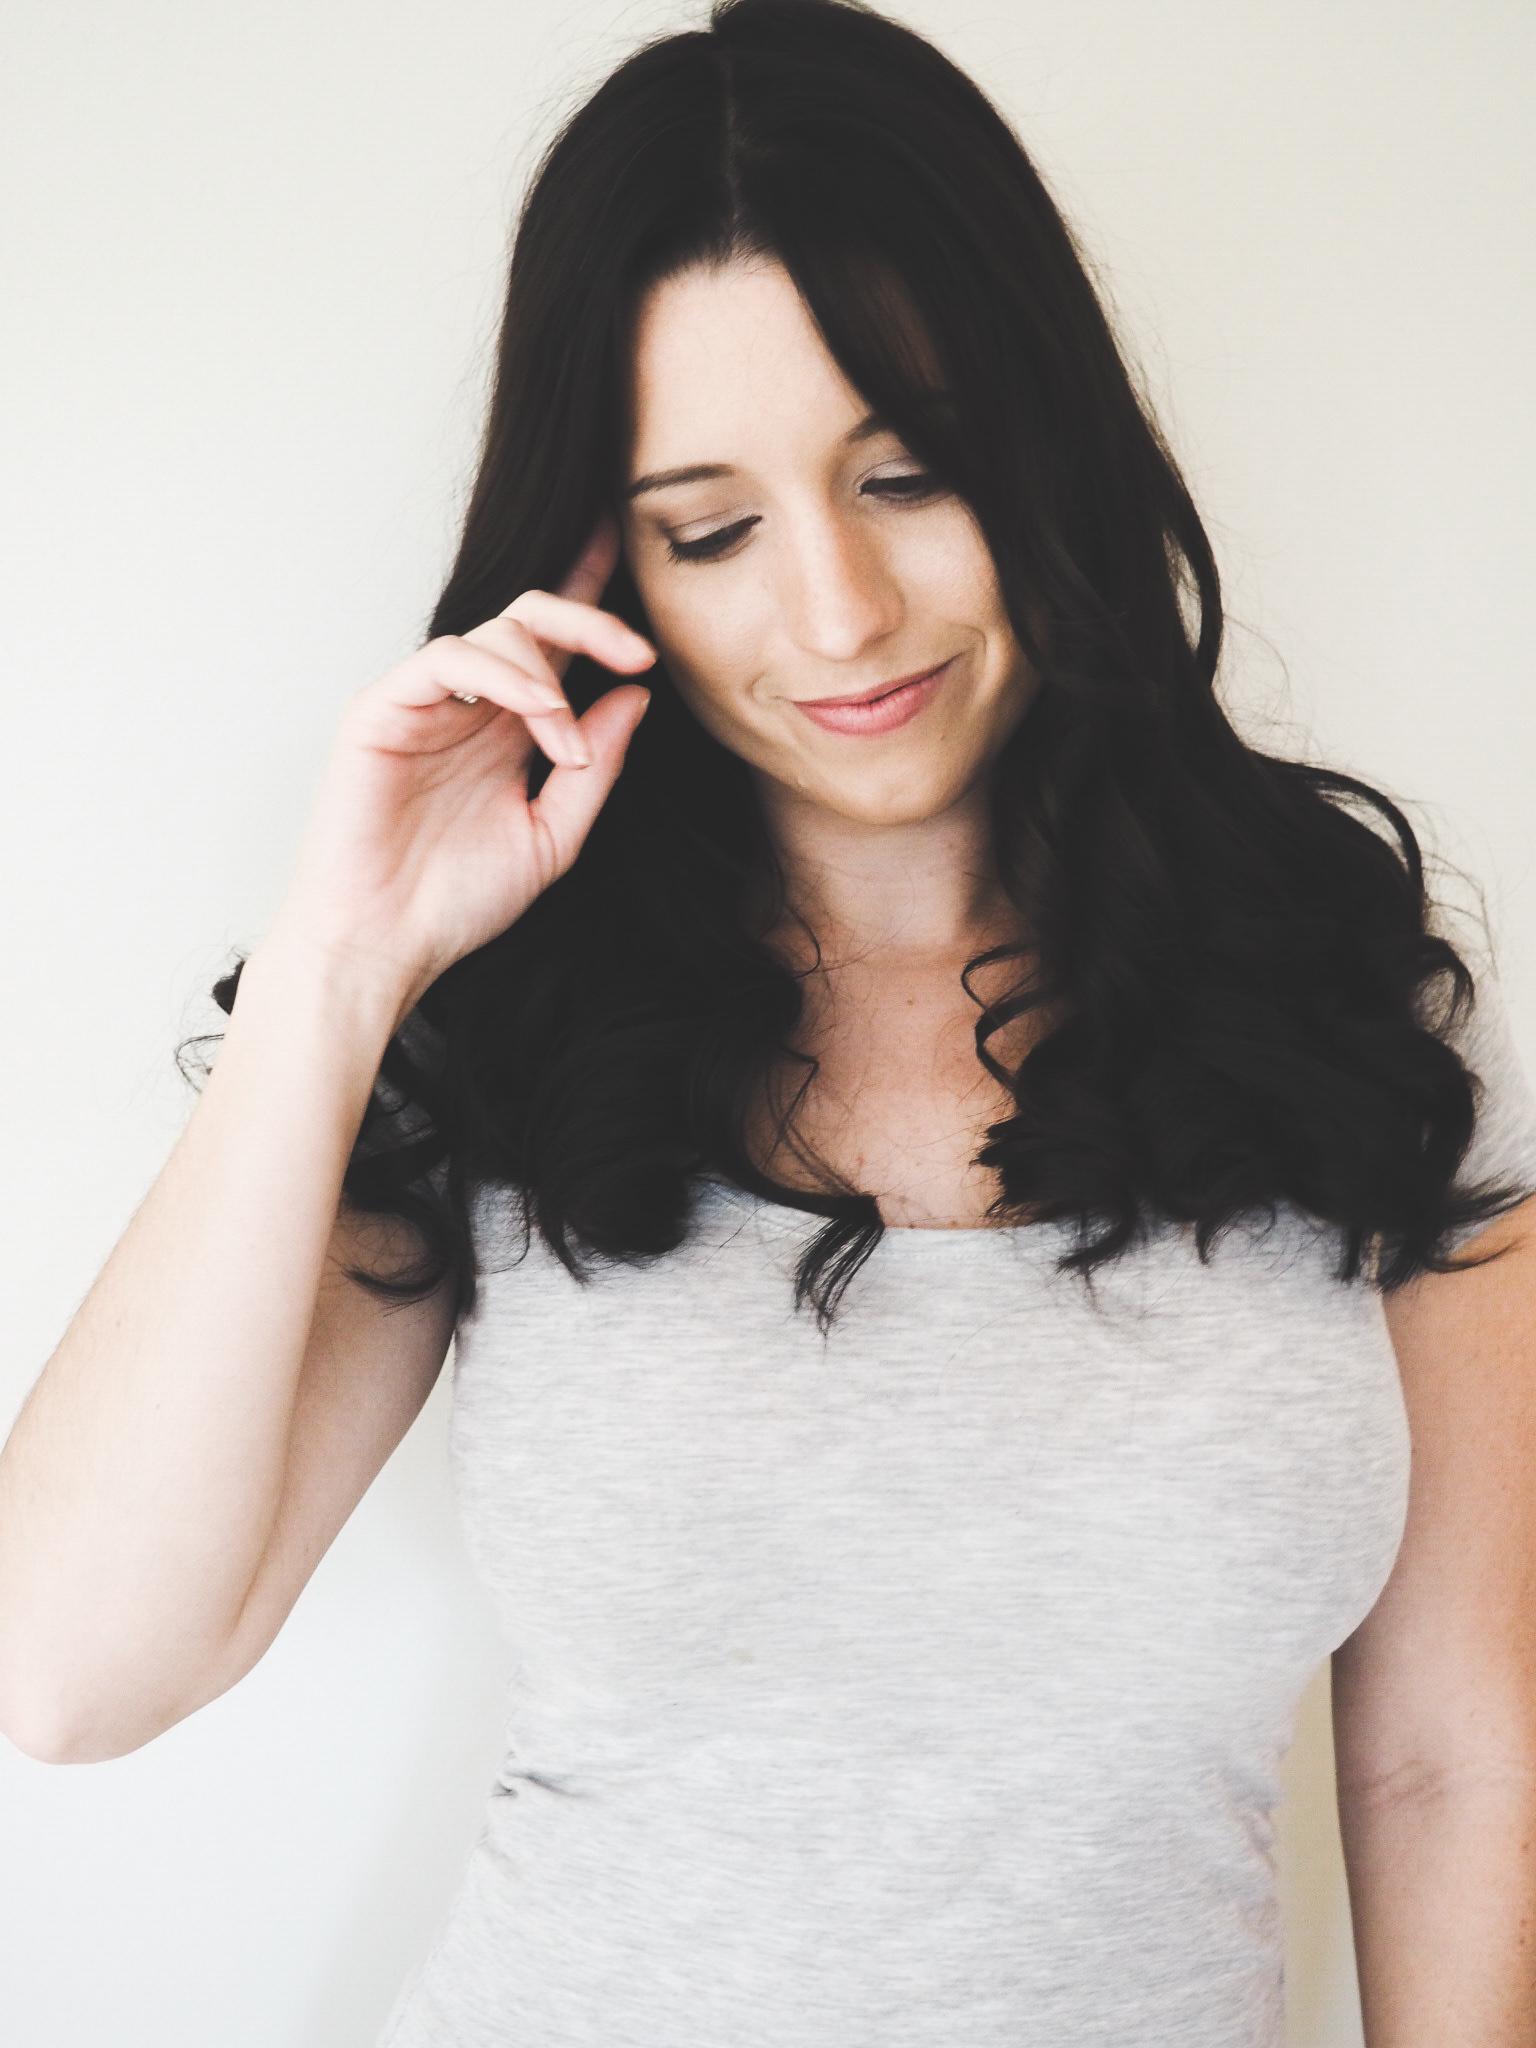 hairextensionsverobeach